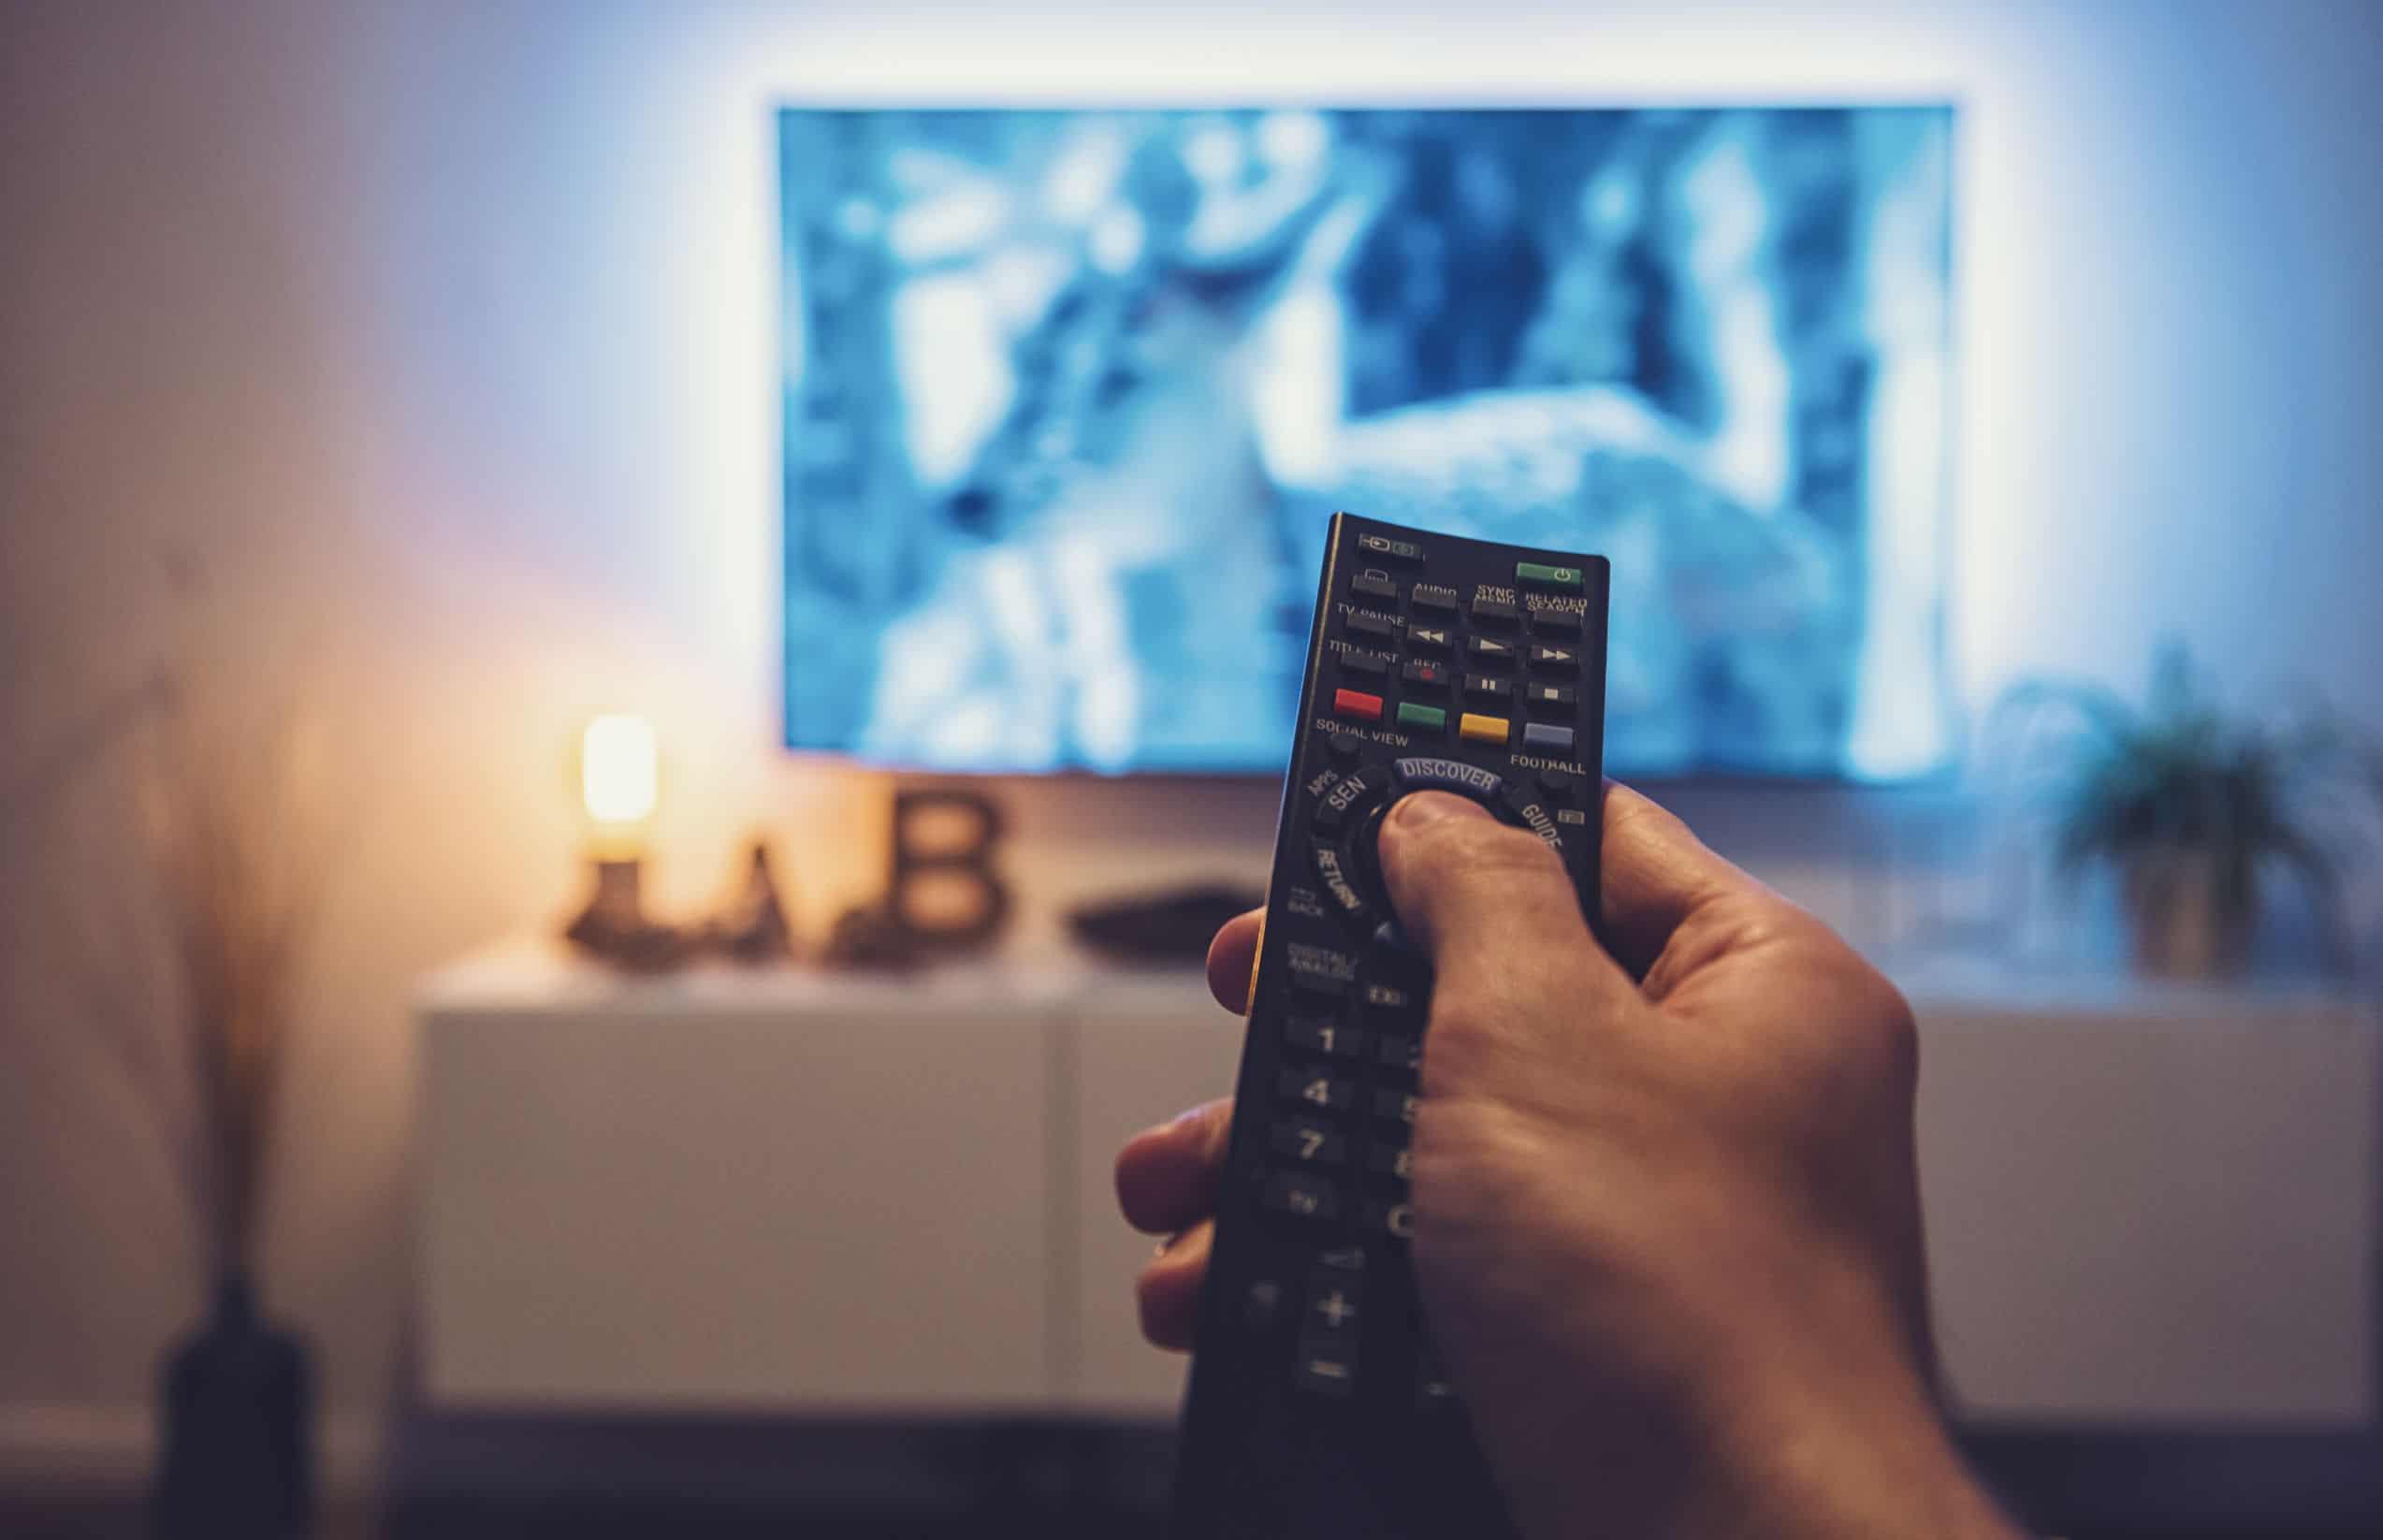 Reproductores de DVD: ¿Cuáles son los mejores del 2020?